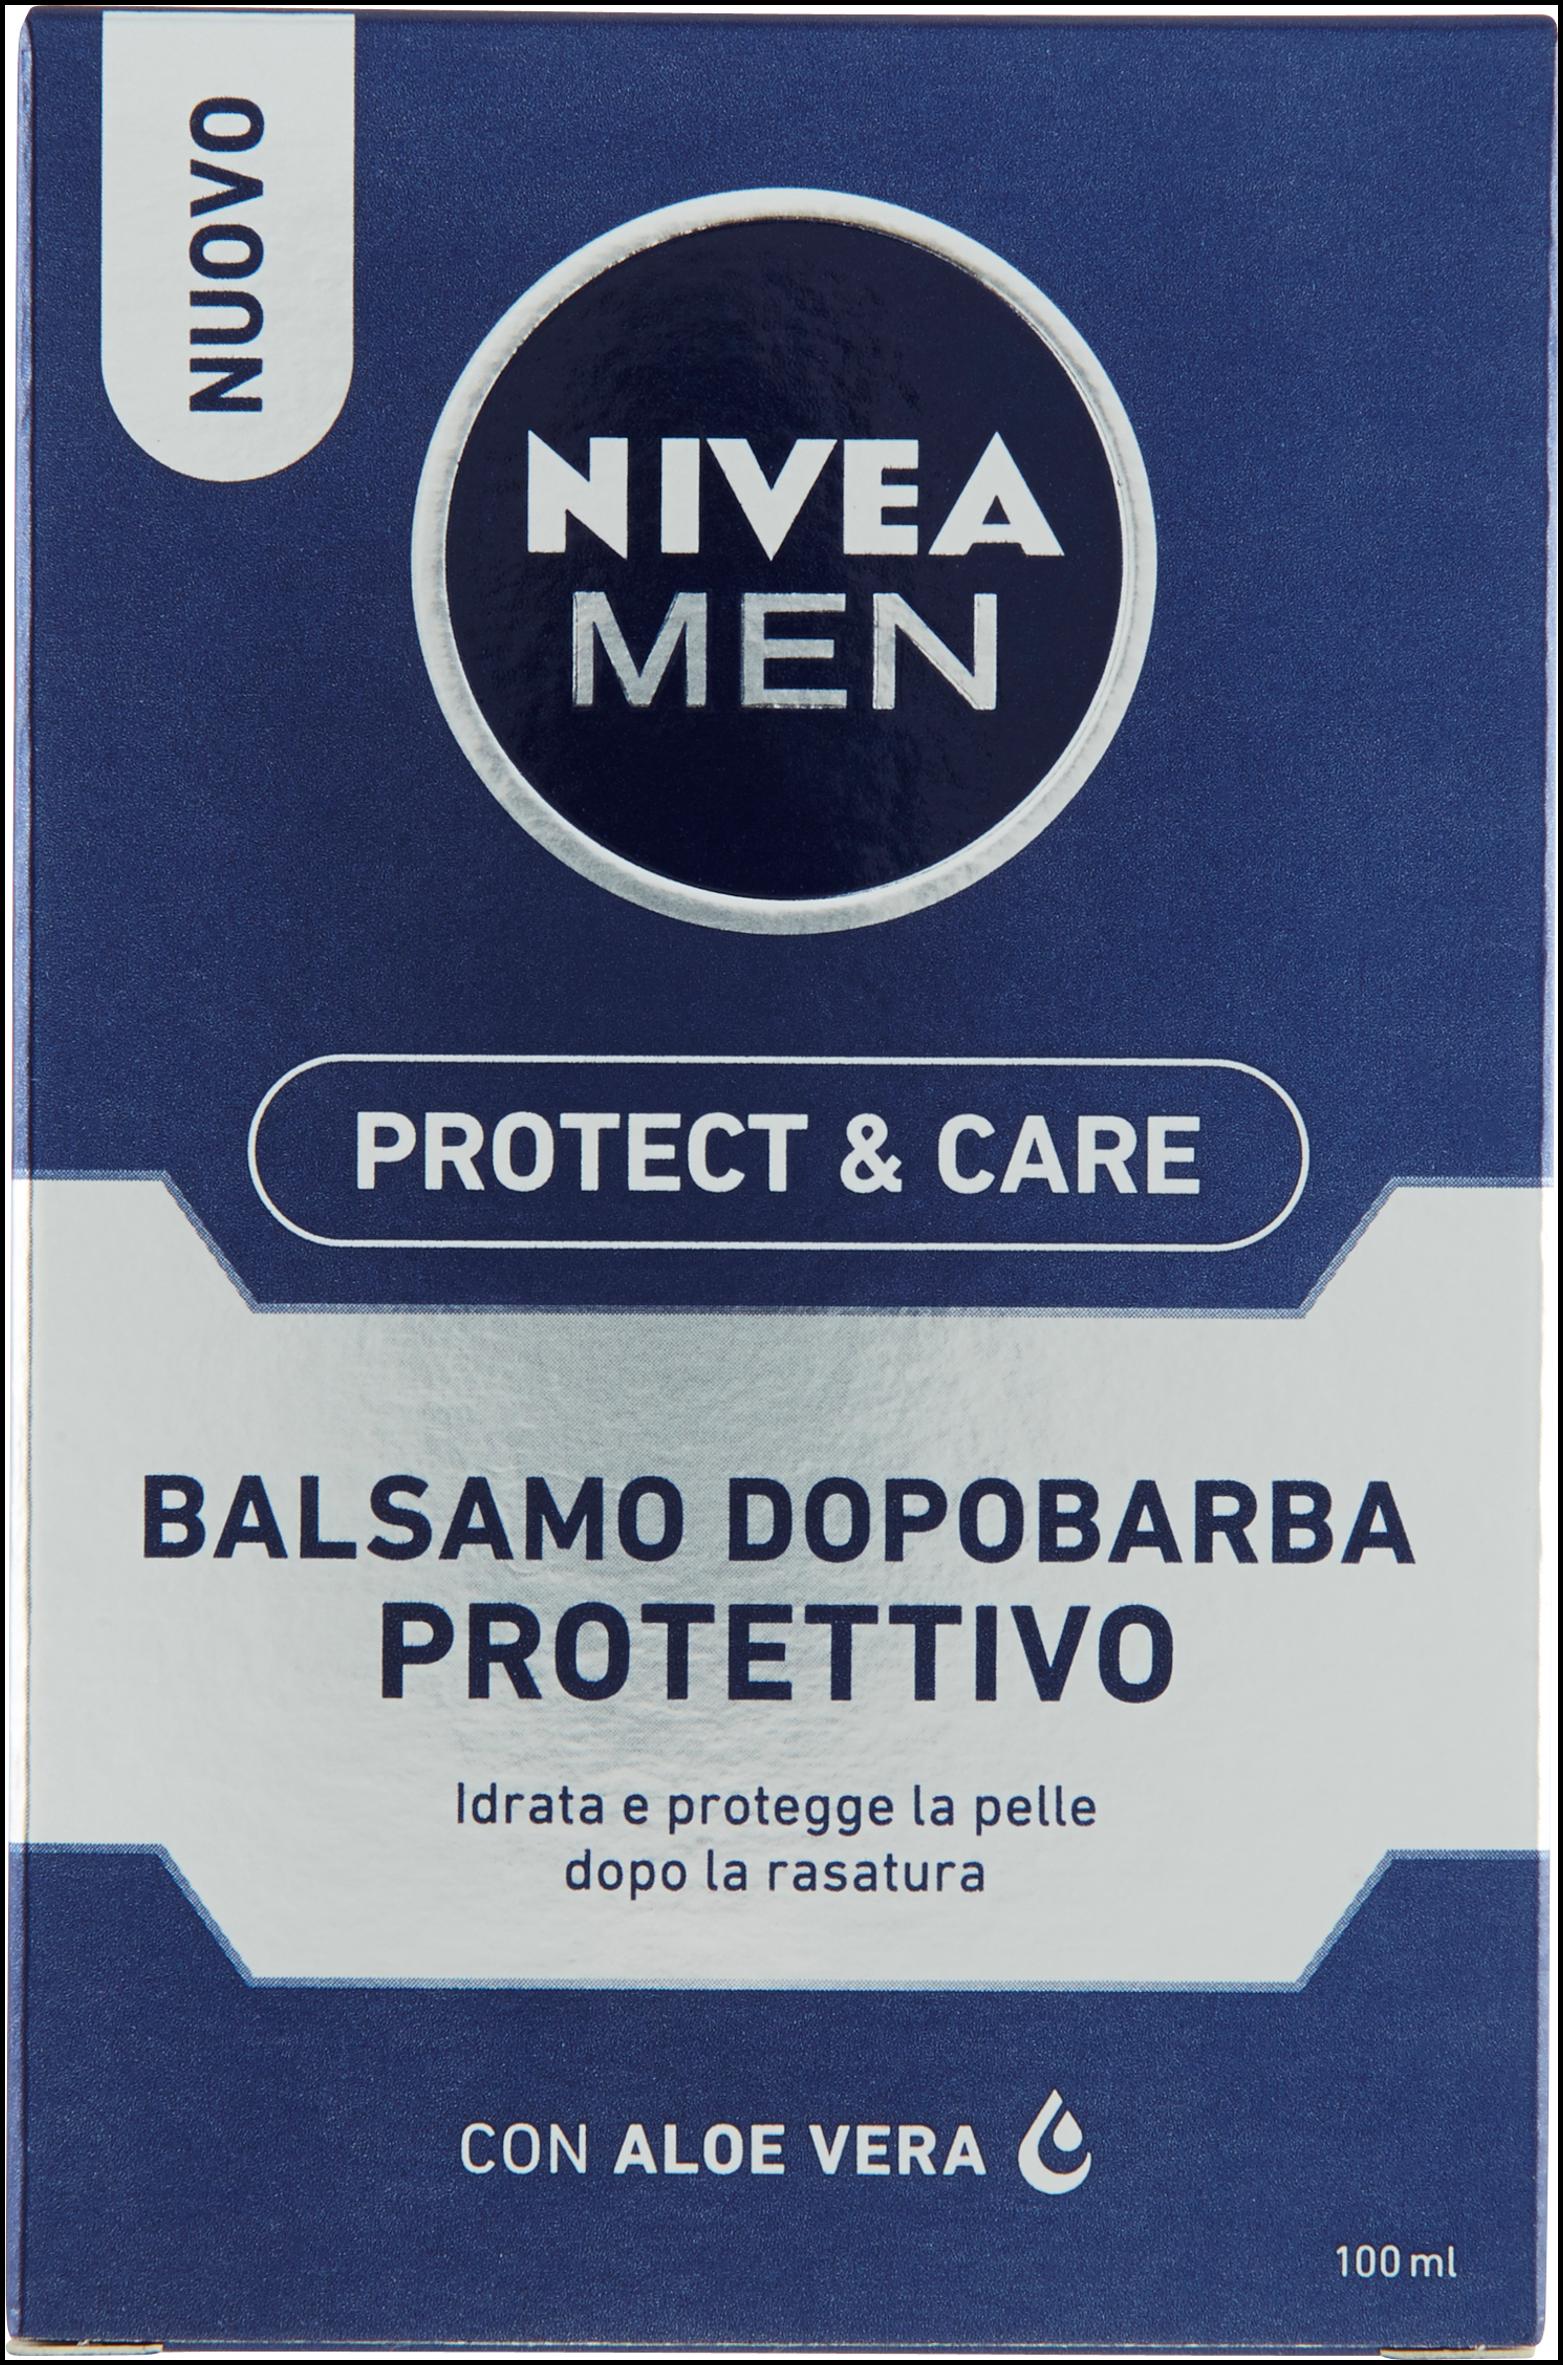 AFTERSH.BALS.PROTET.NIVEA ML100